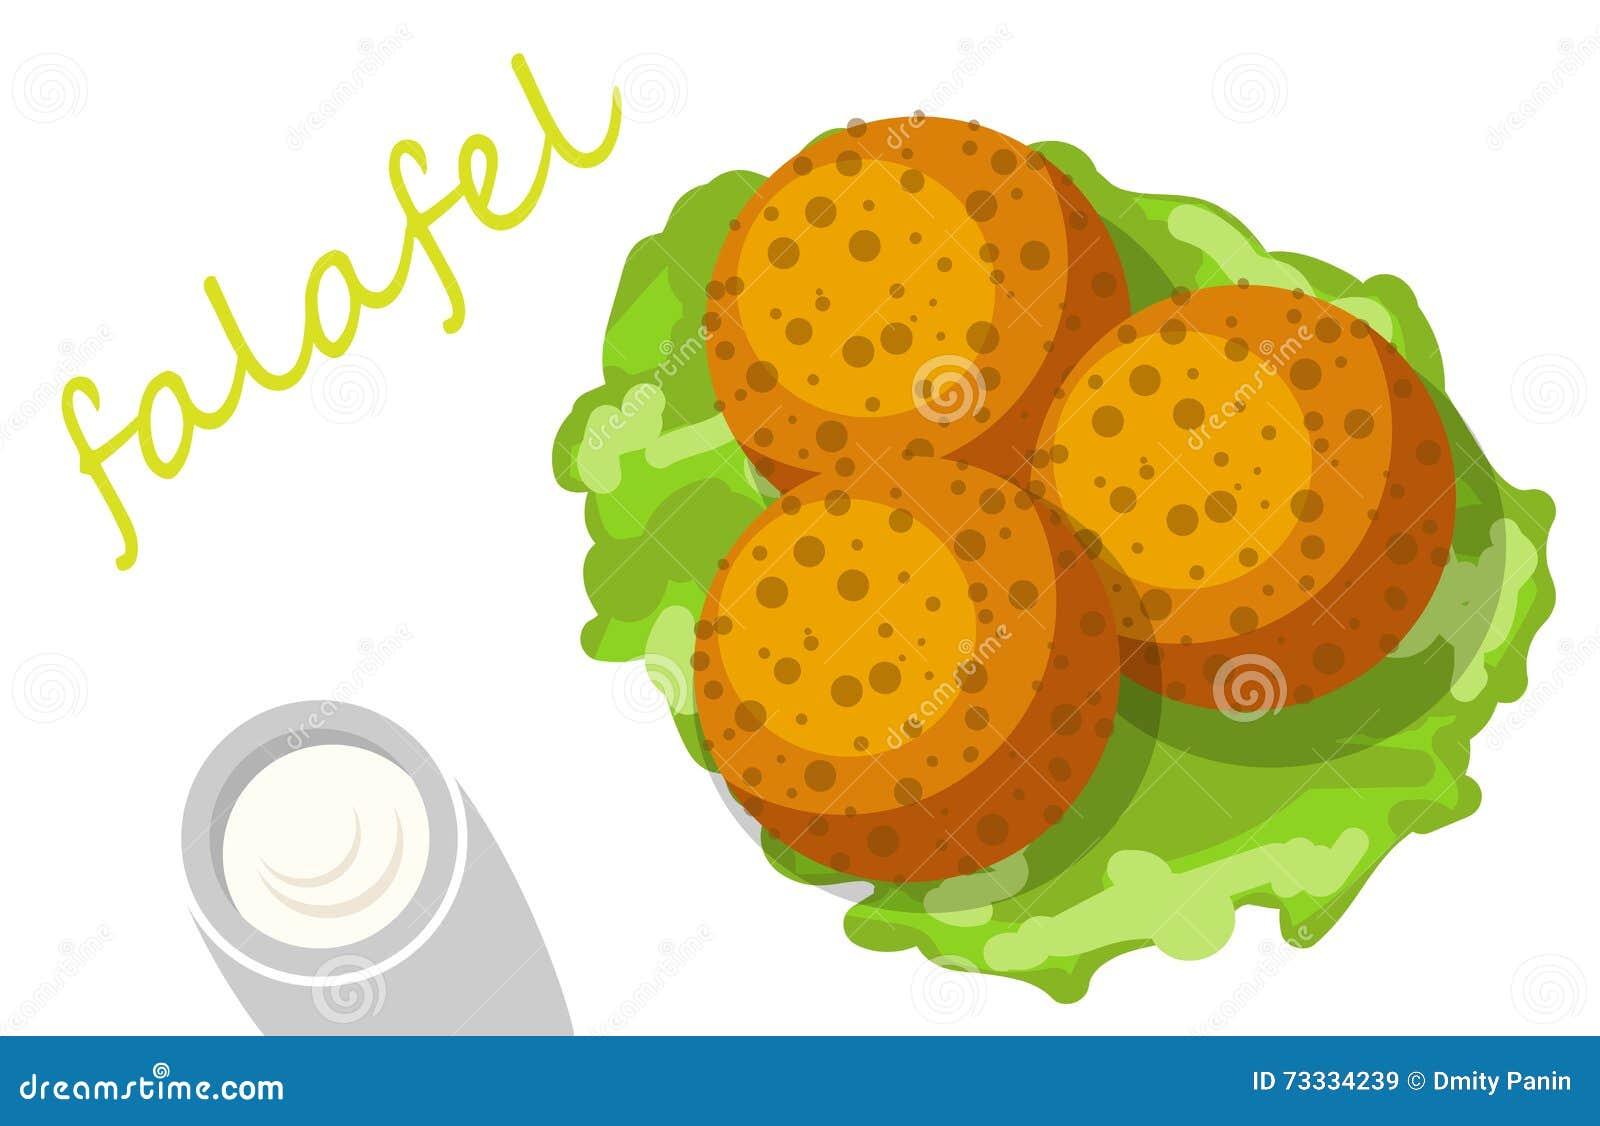 Falafel Stuffed Pita With Vegetables. Cartoon Vector ... Falafel Clipart